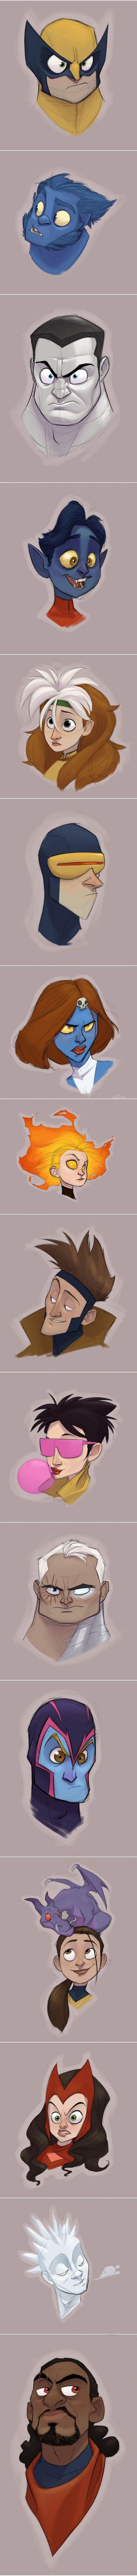 The X-Men by Randy Bishop on Fanactu.com | RandyBishopArt.com